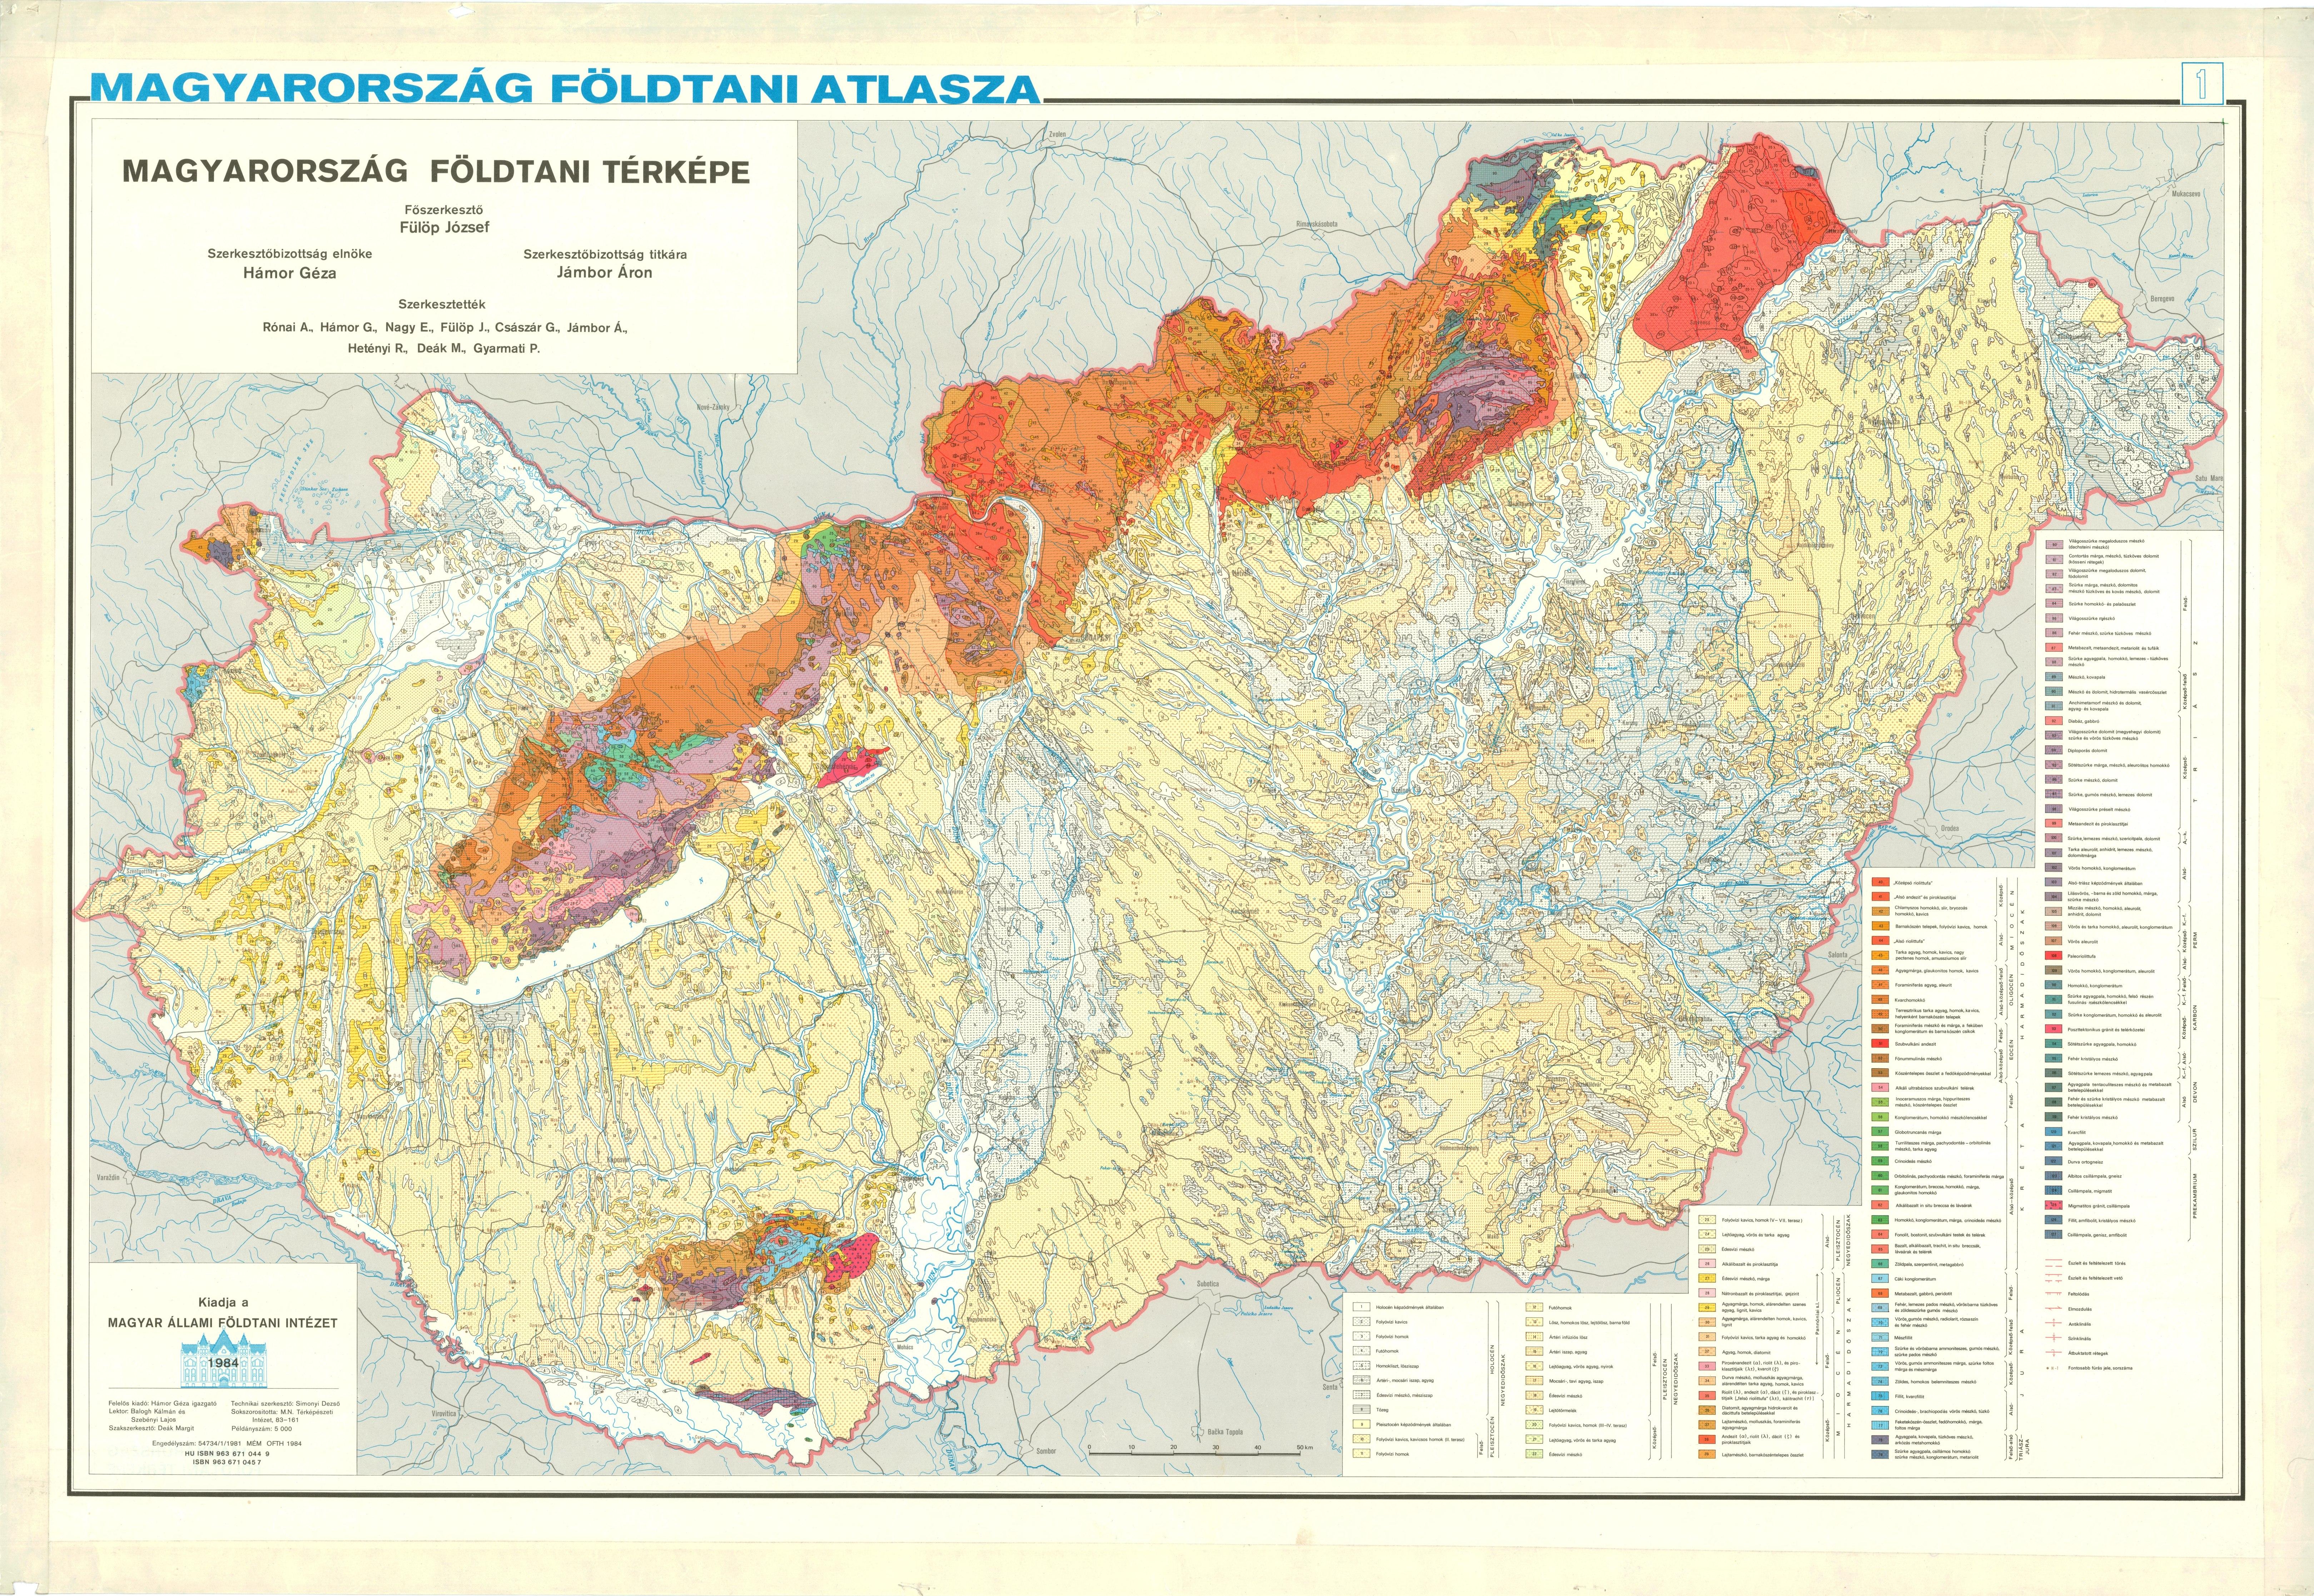 Magyarország földtani térképe(1984)